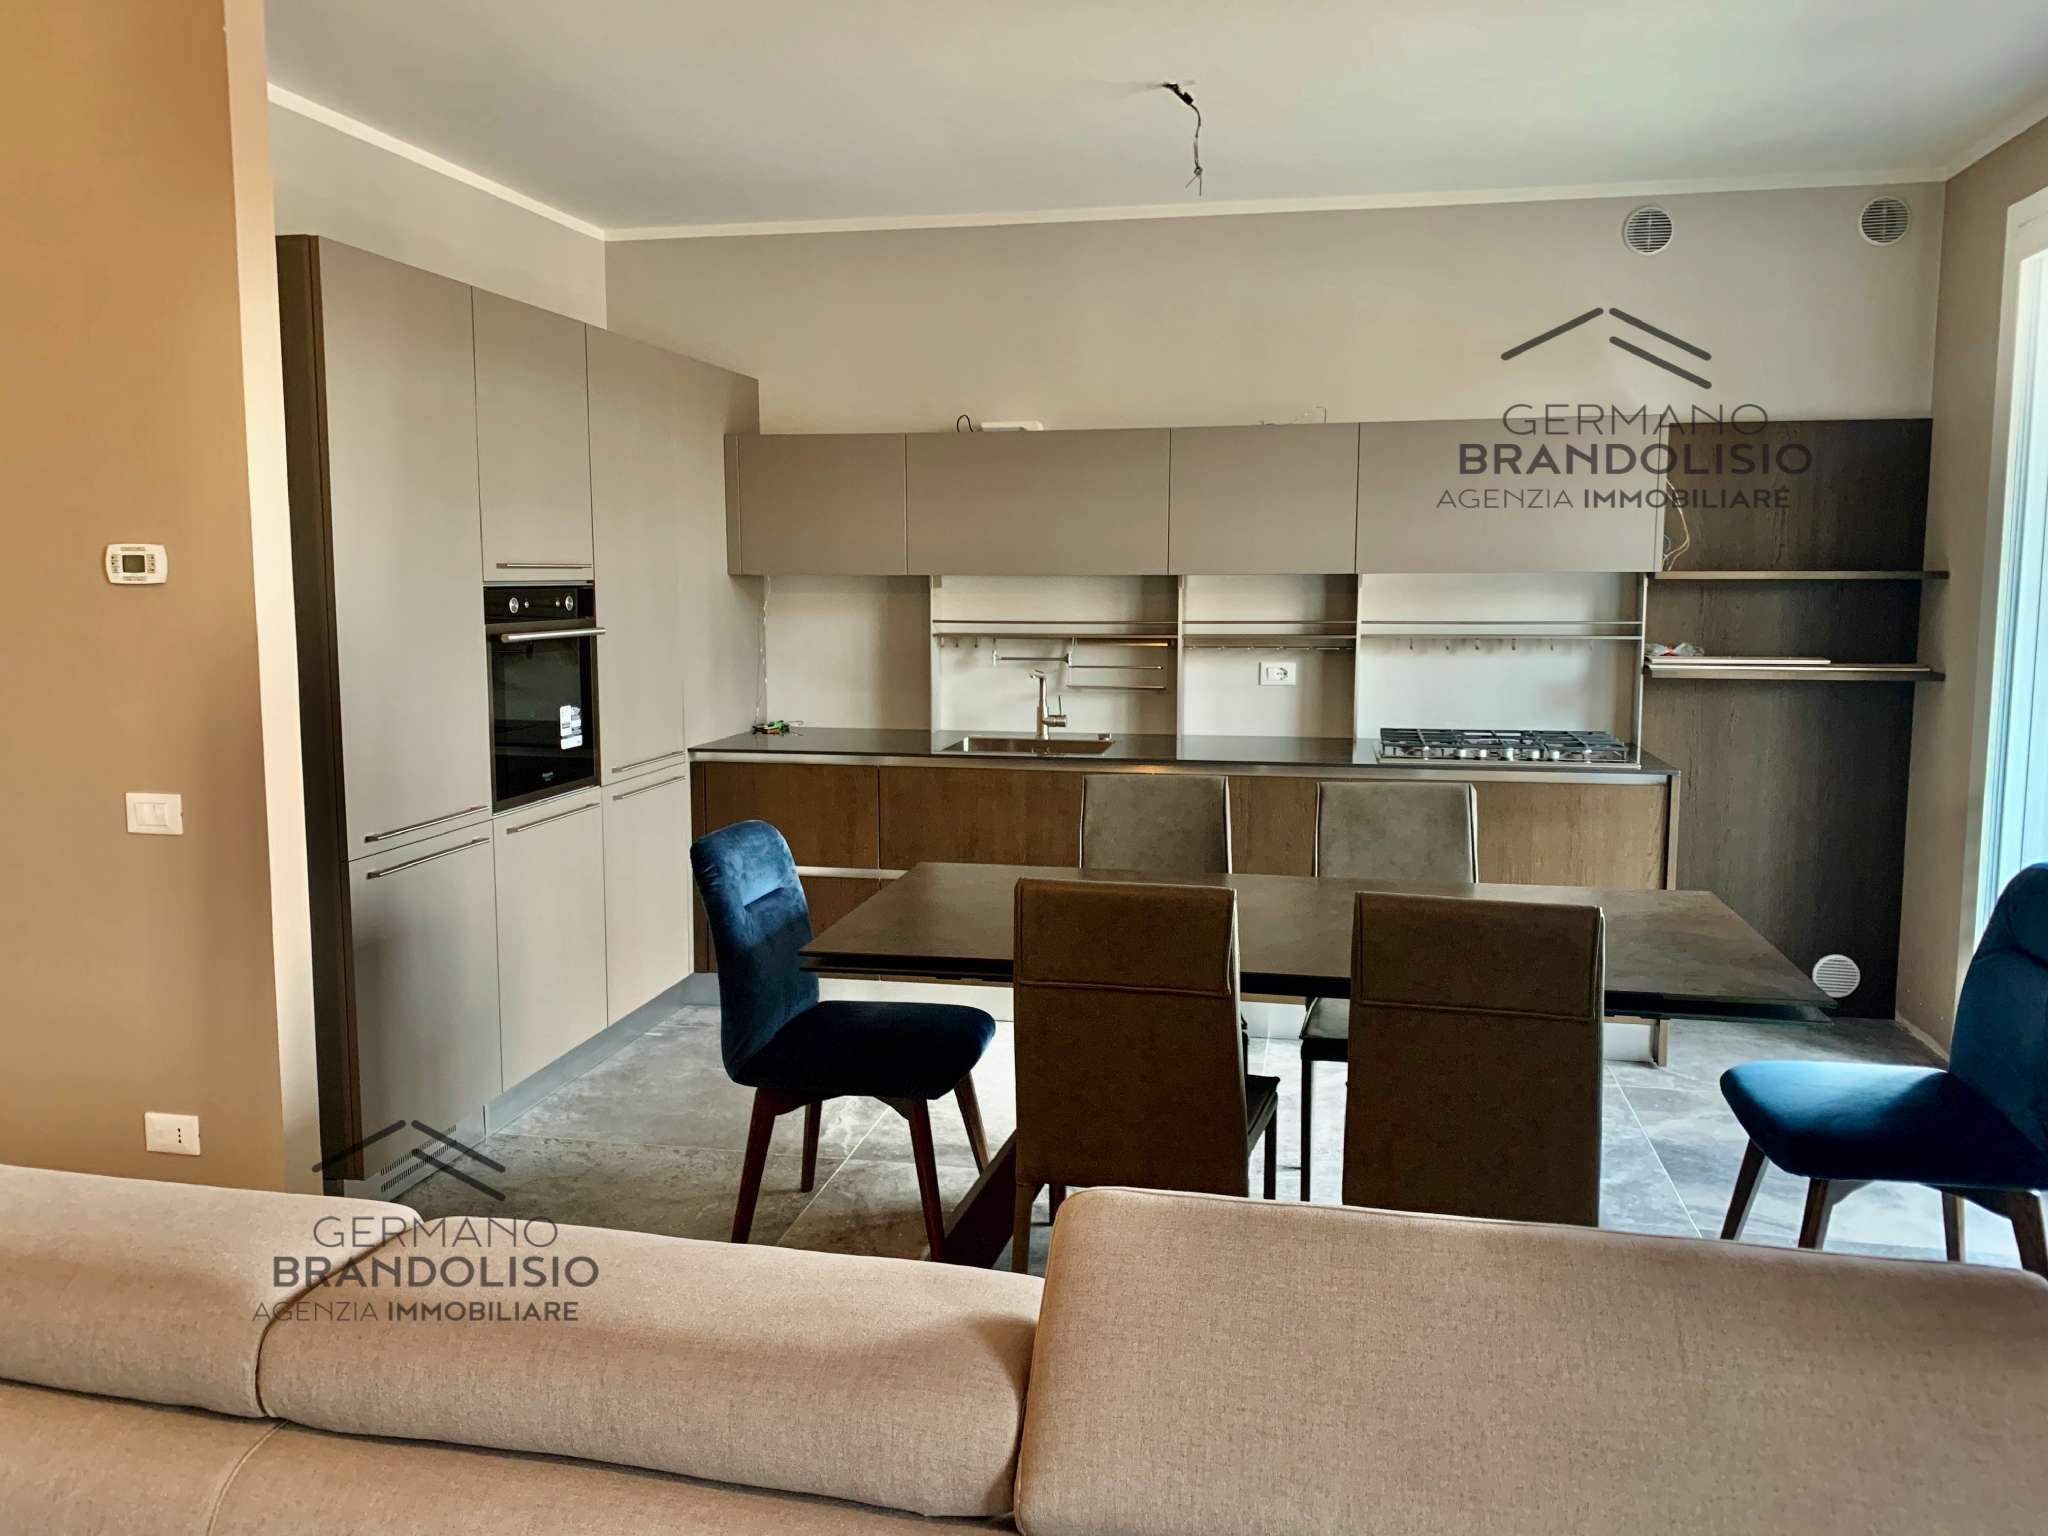 Appartamento in vendita a Treviso, 4 locali, prezzo € 295.000 | CambioCasa.it